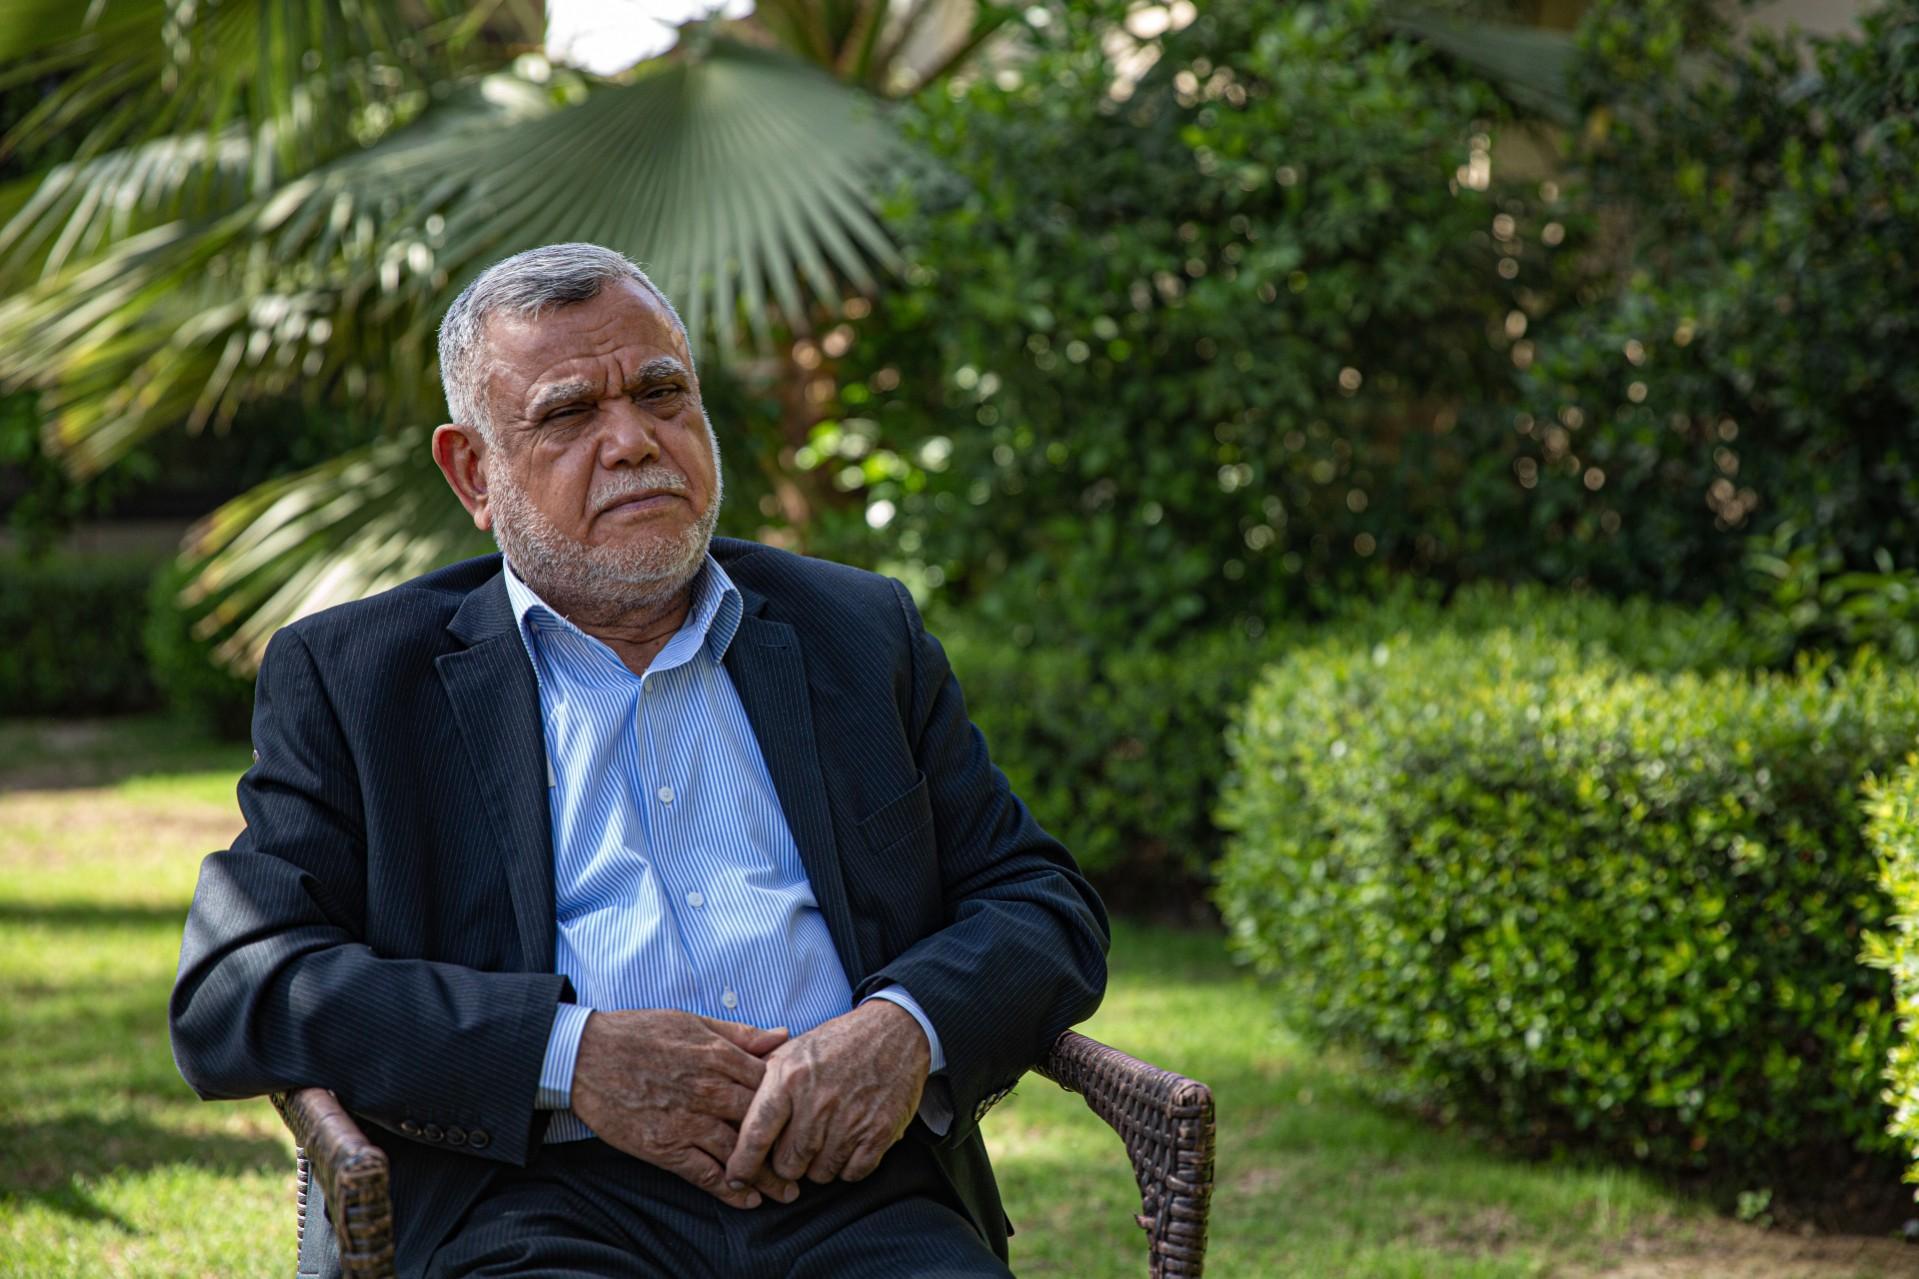 Hadi al-Amiri duduk di halaman belakang rumahnya.